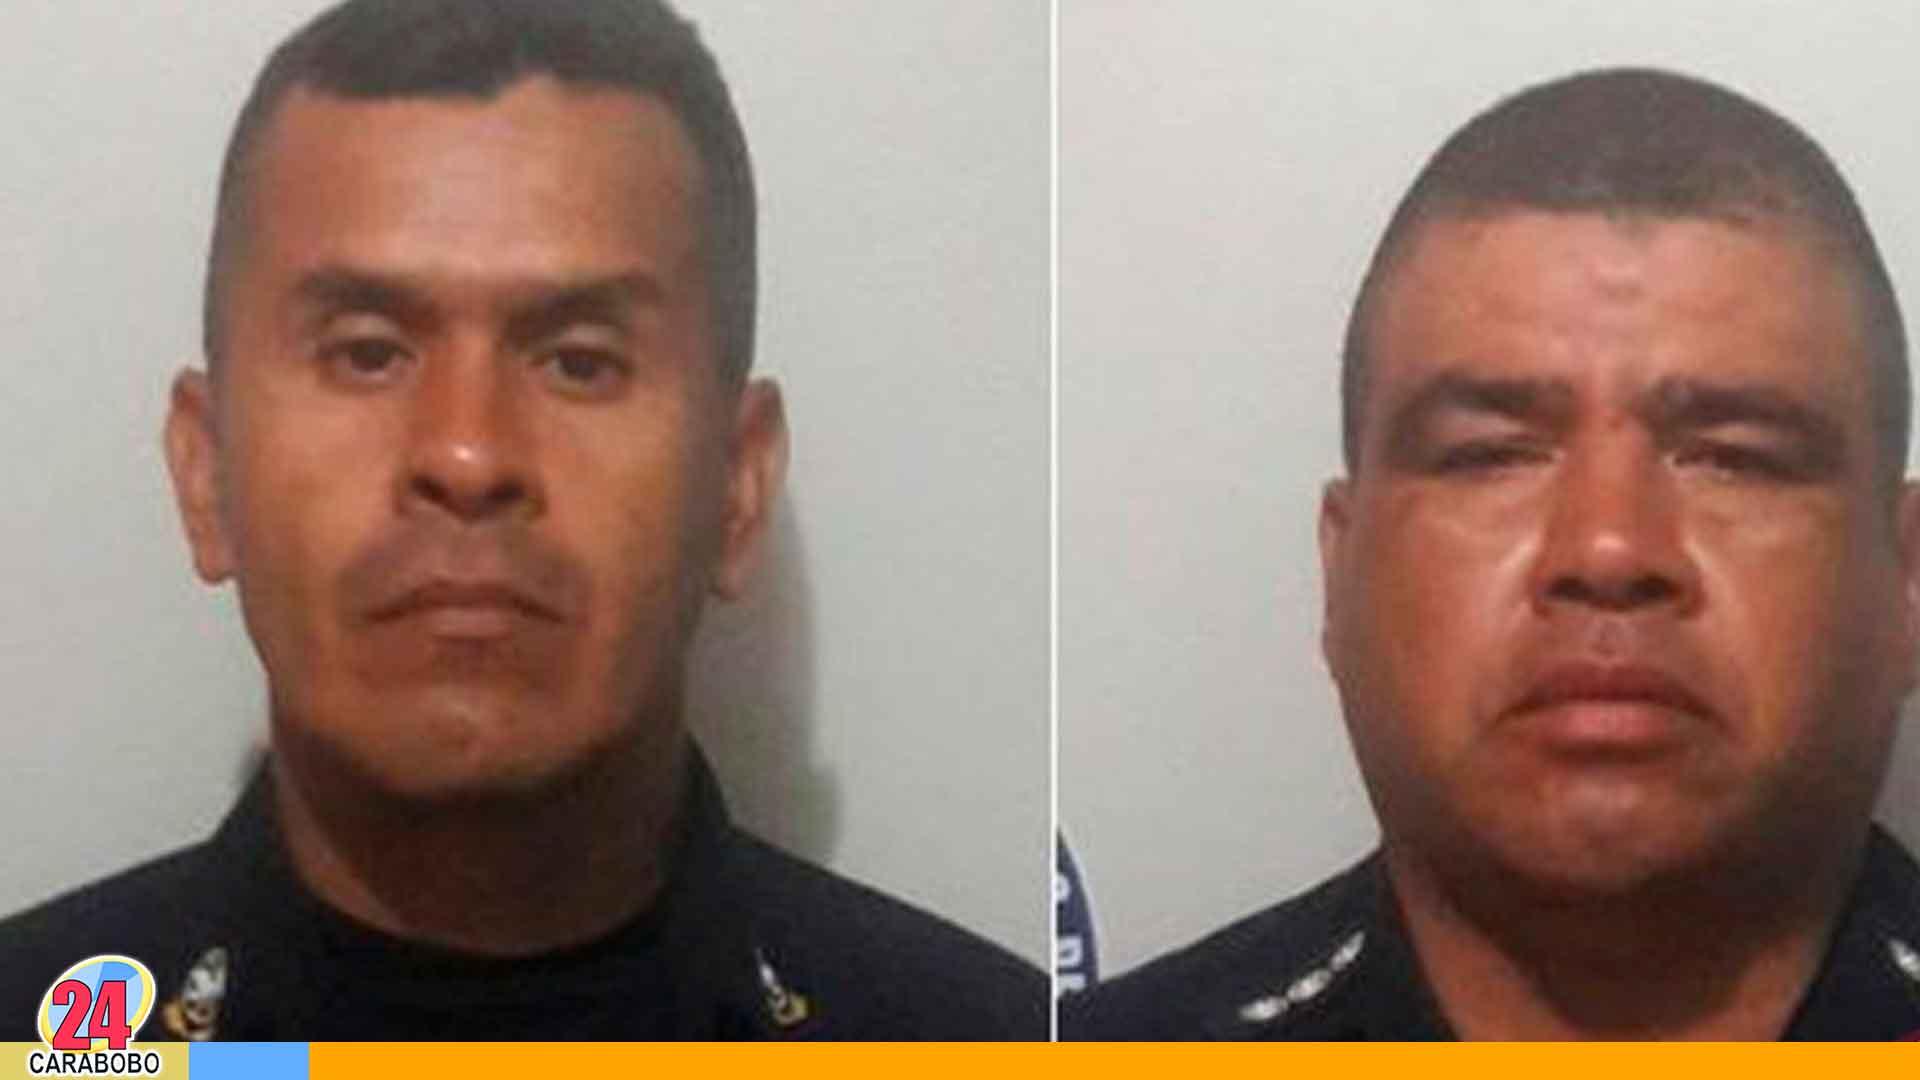 Noticias 24 Carabobo - Policias que hirieron a liceista en tachira